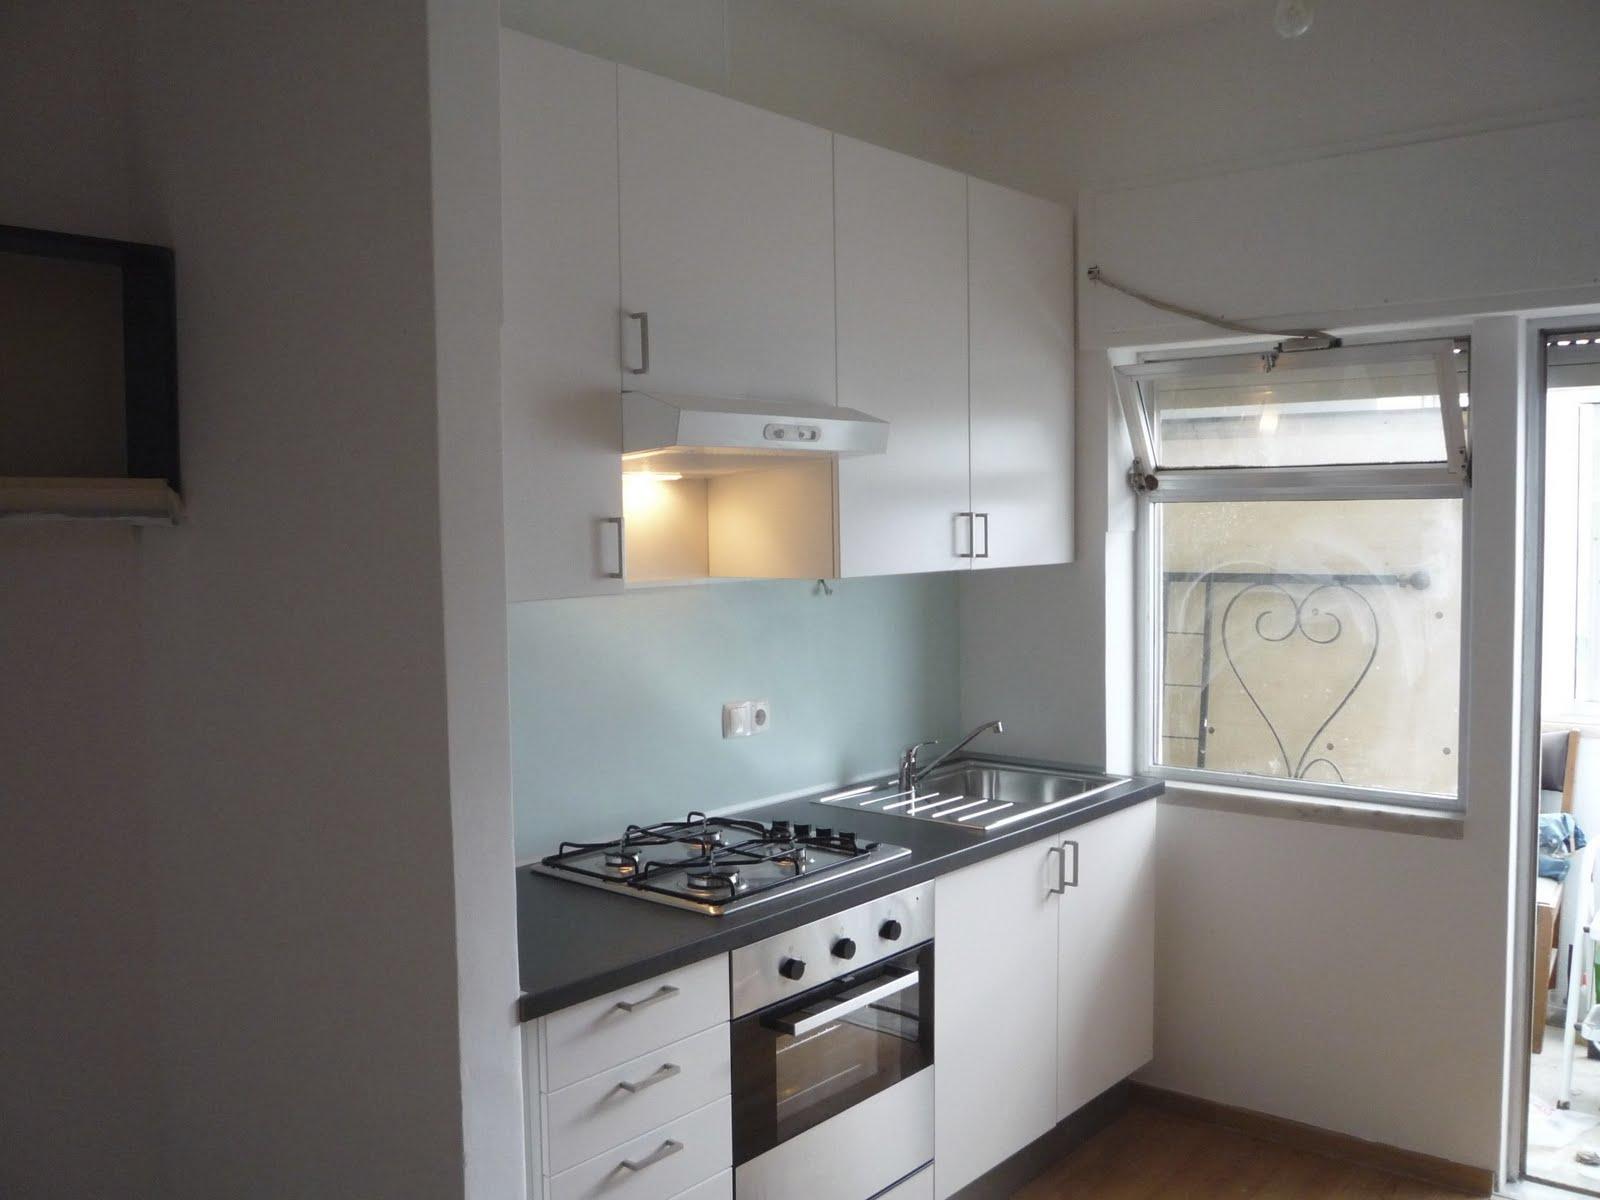 Civil Unipessoal Lda: Remodelação de Cozinha em Paço de Arcos #816F4A 1600 1200